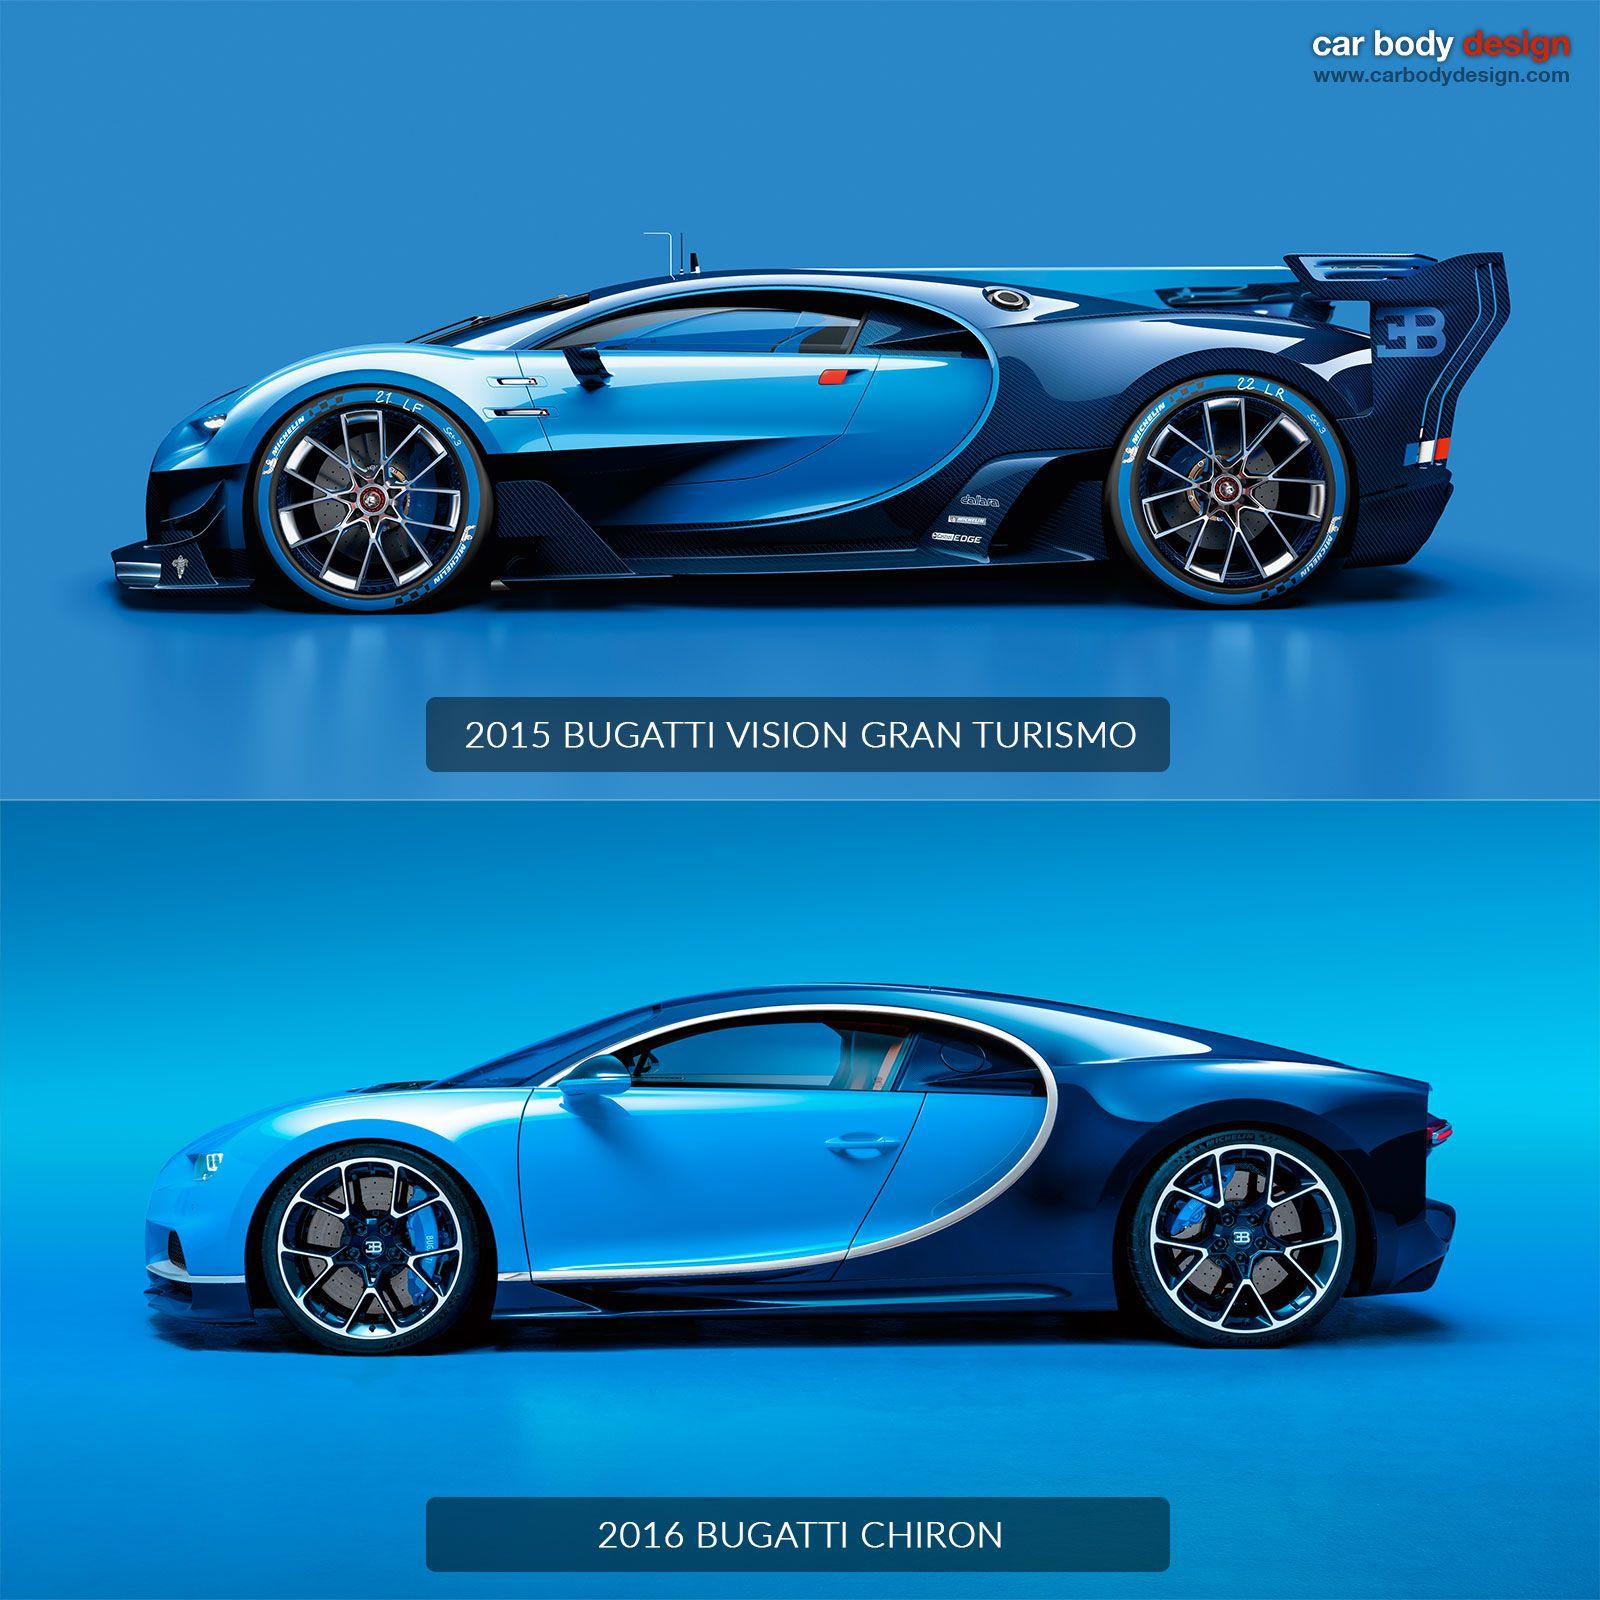 Bugatti Chiron Vs Vision Gran Turismo Design Comparison Bugatti Chiron Bugatti Eb110 Bugatti